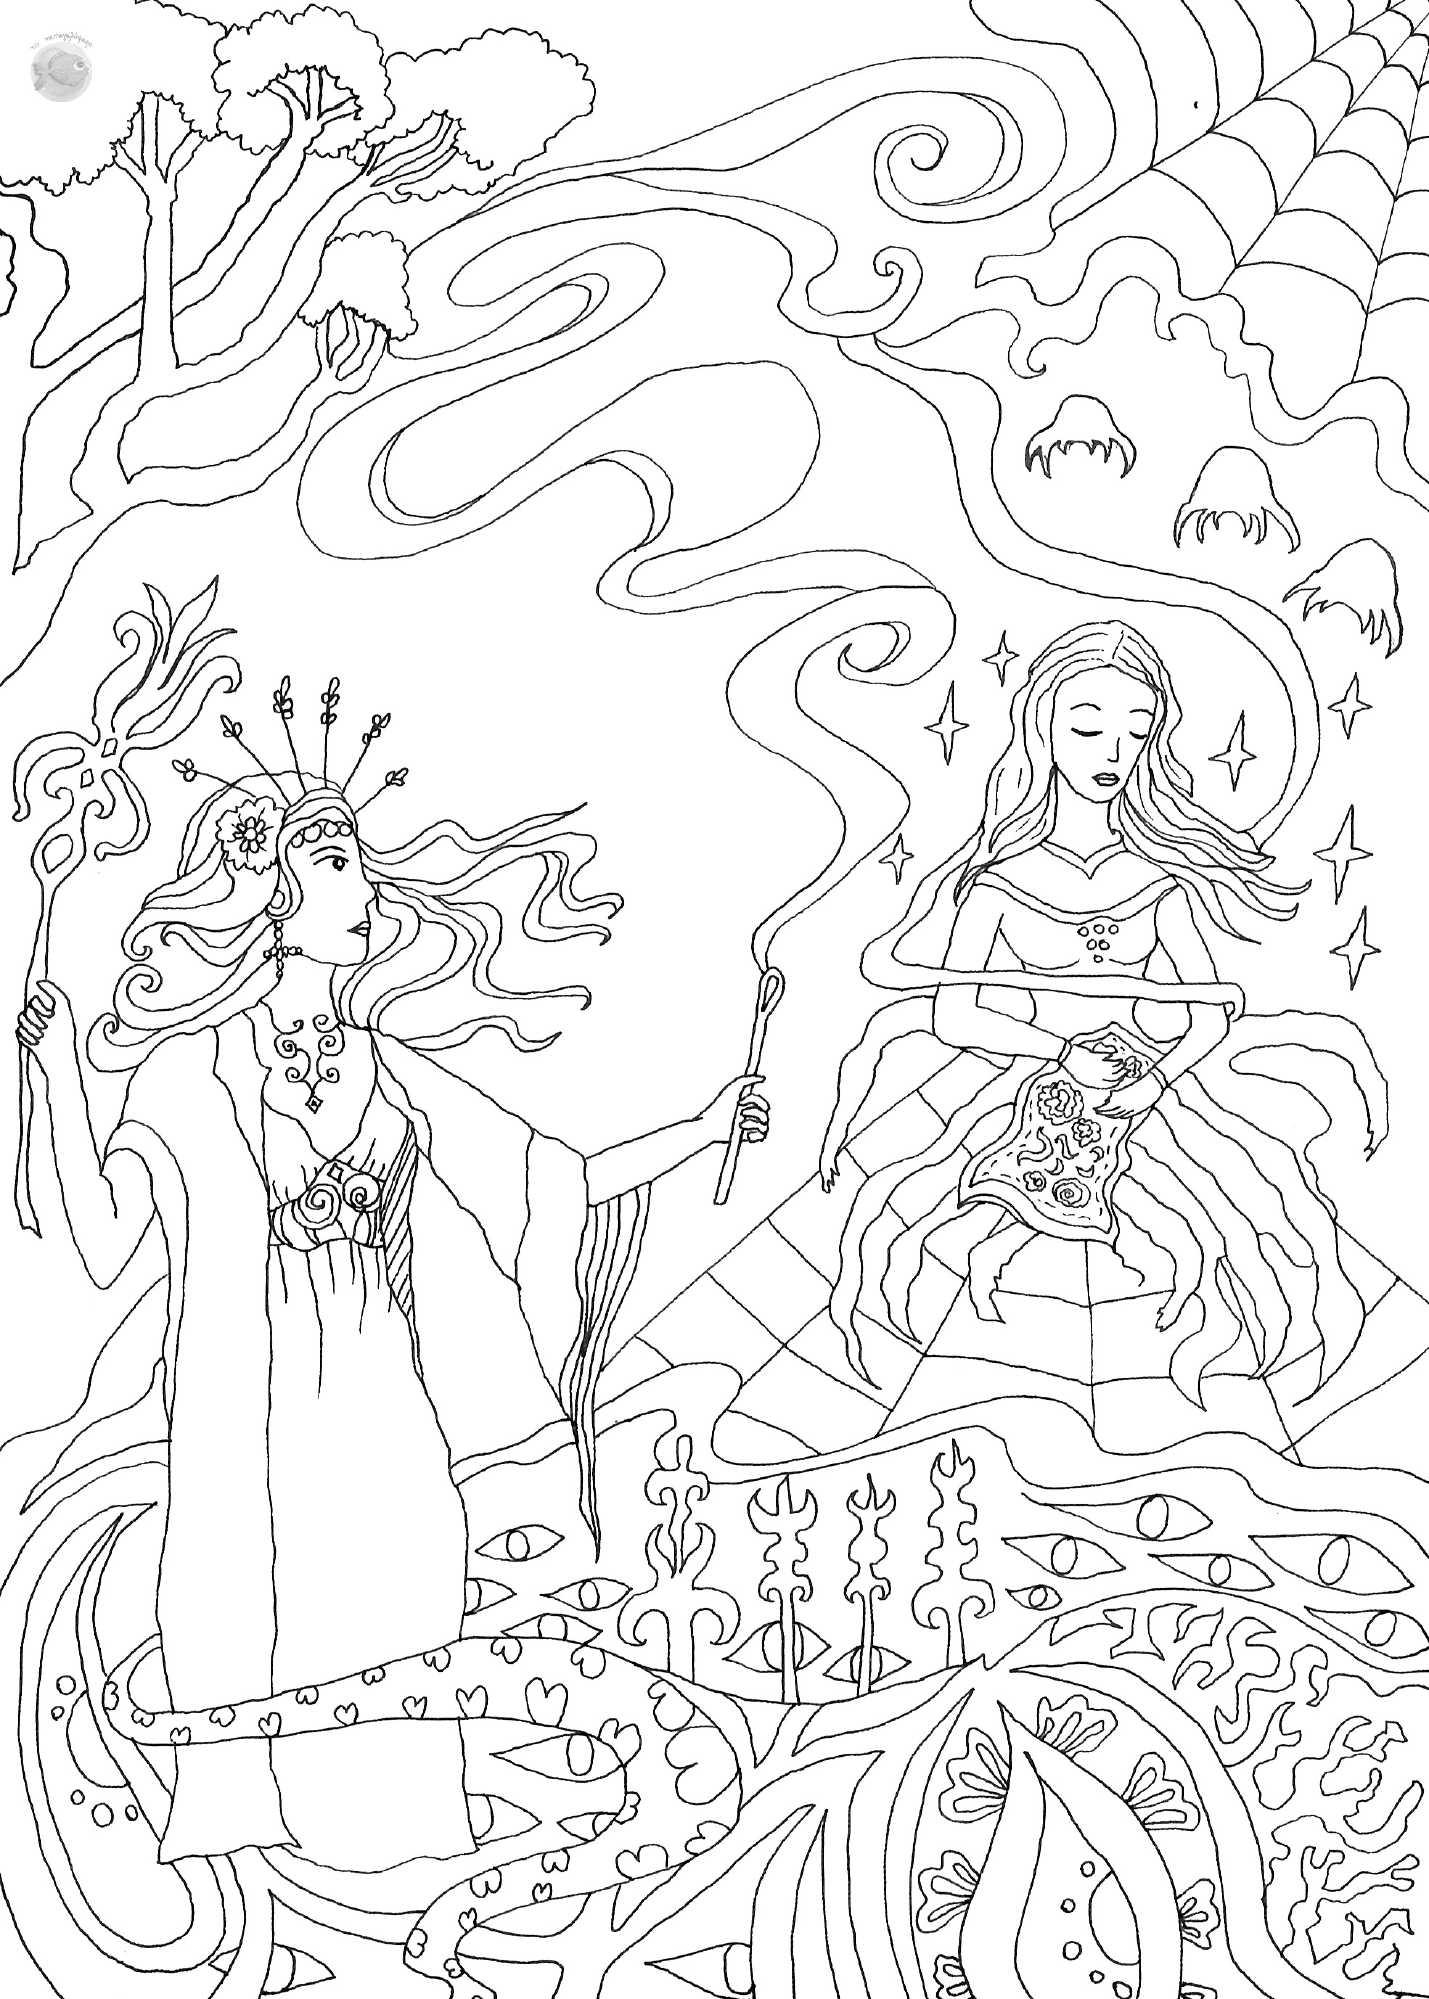 ο μύθος της Ταραντούλας - Σχέδιο